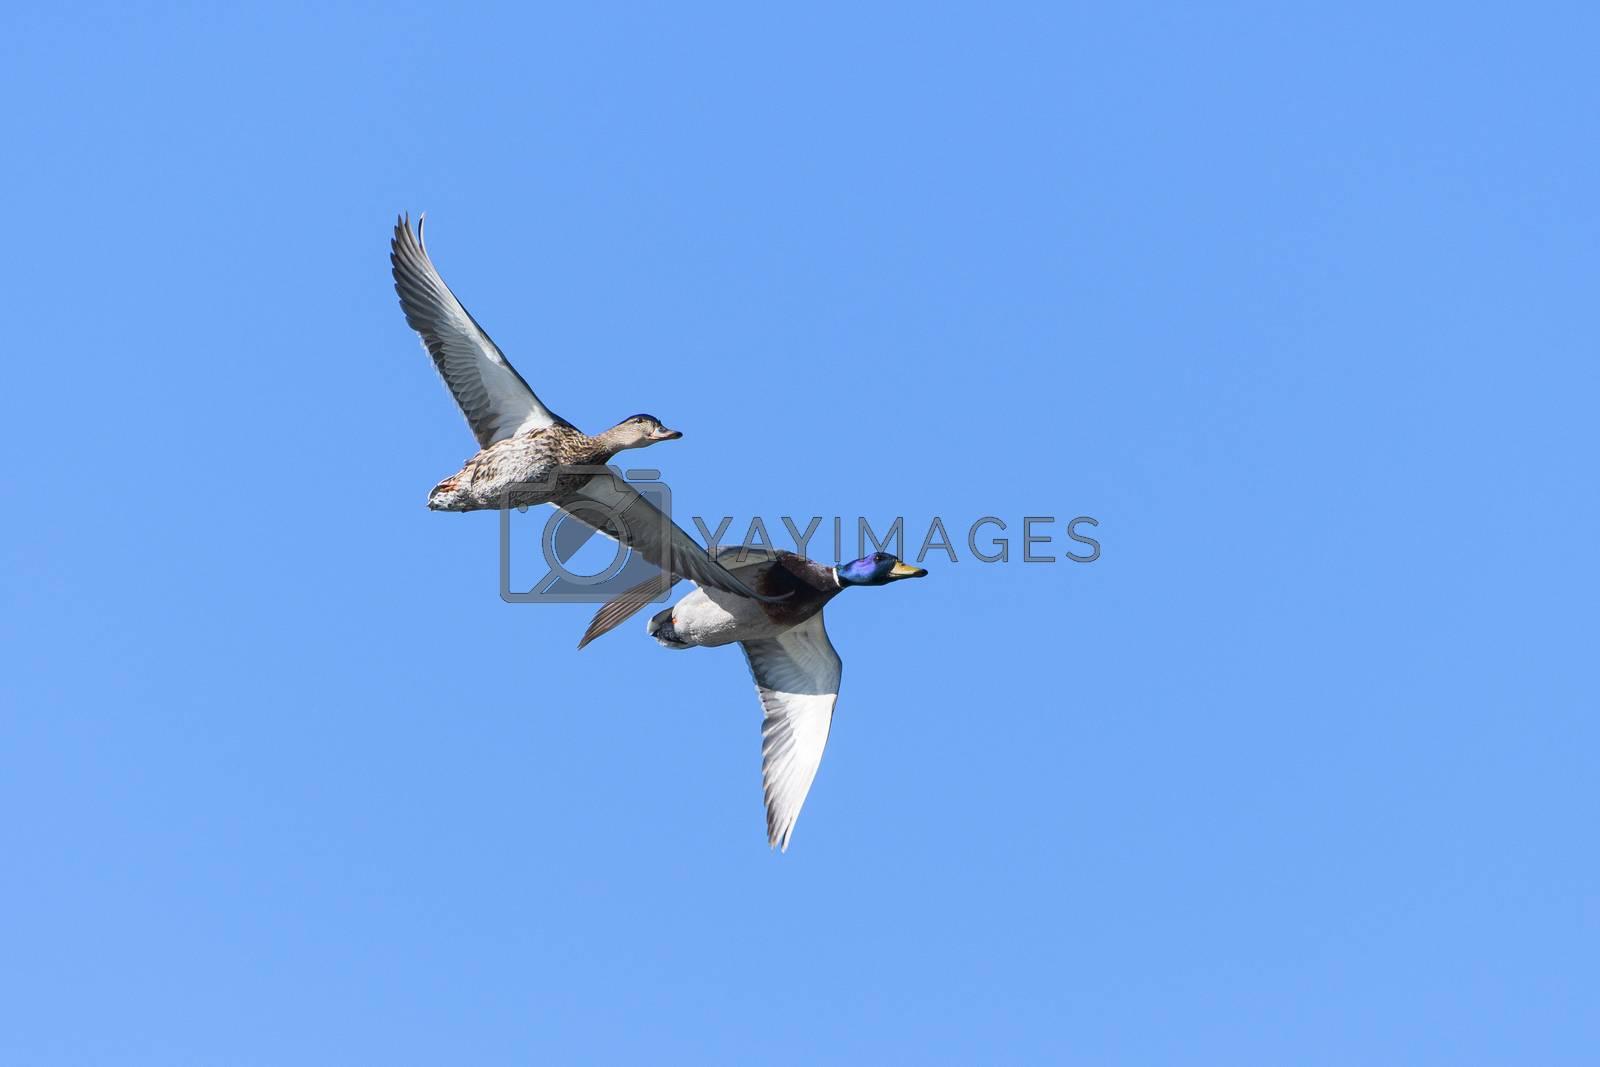 Common Waterfowl in Colorado. Mallard Ducks in Flight